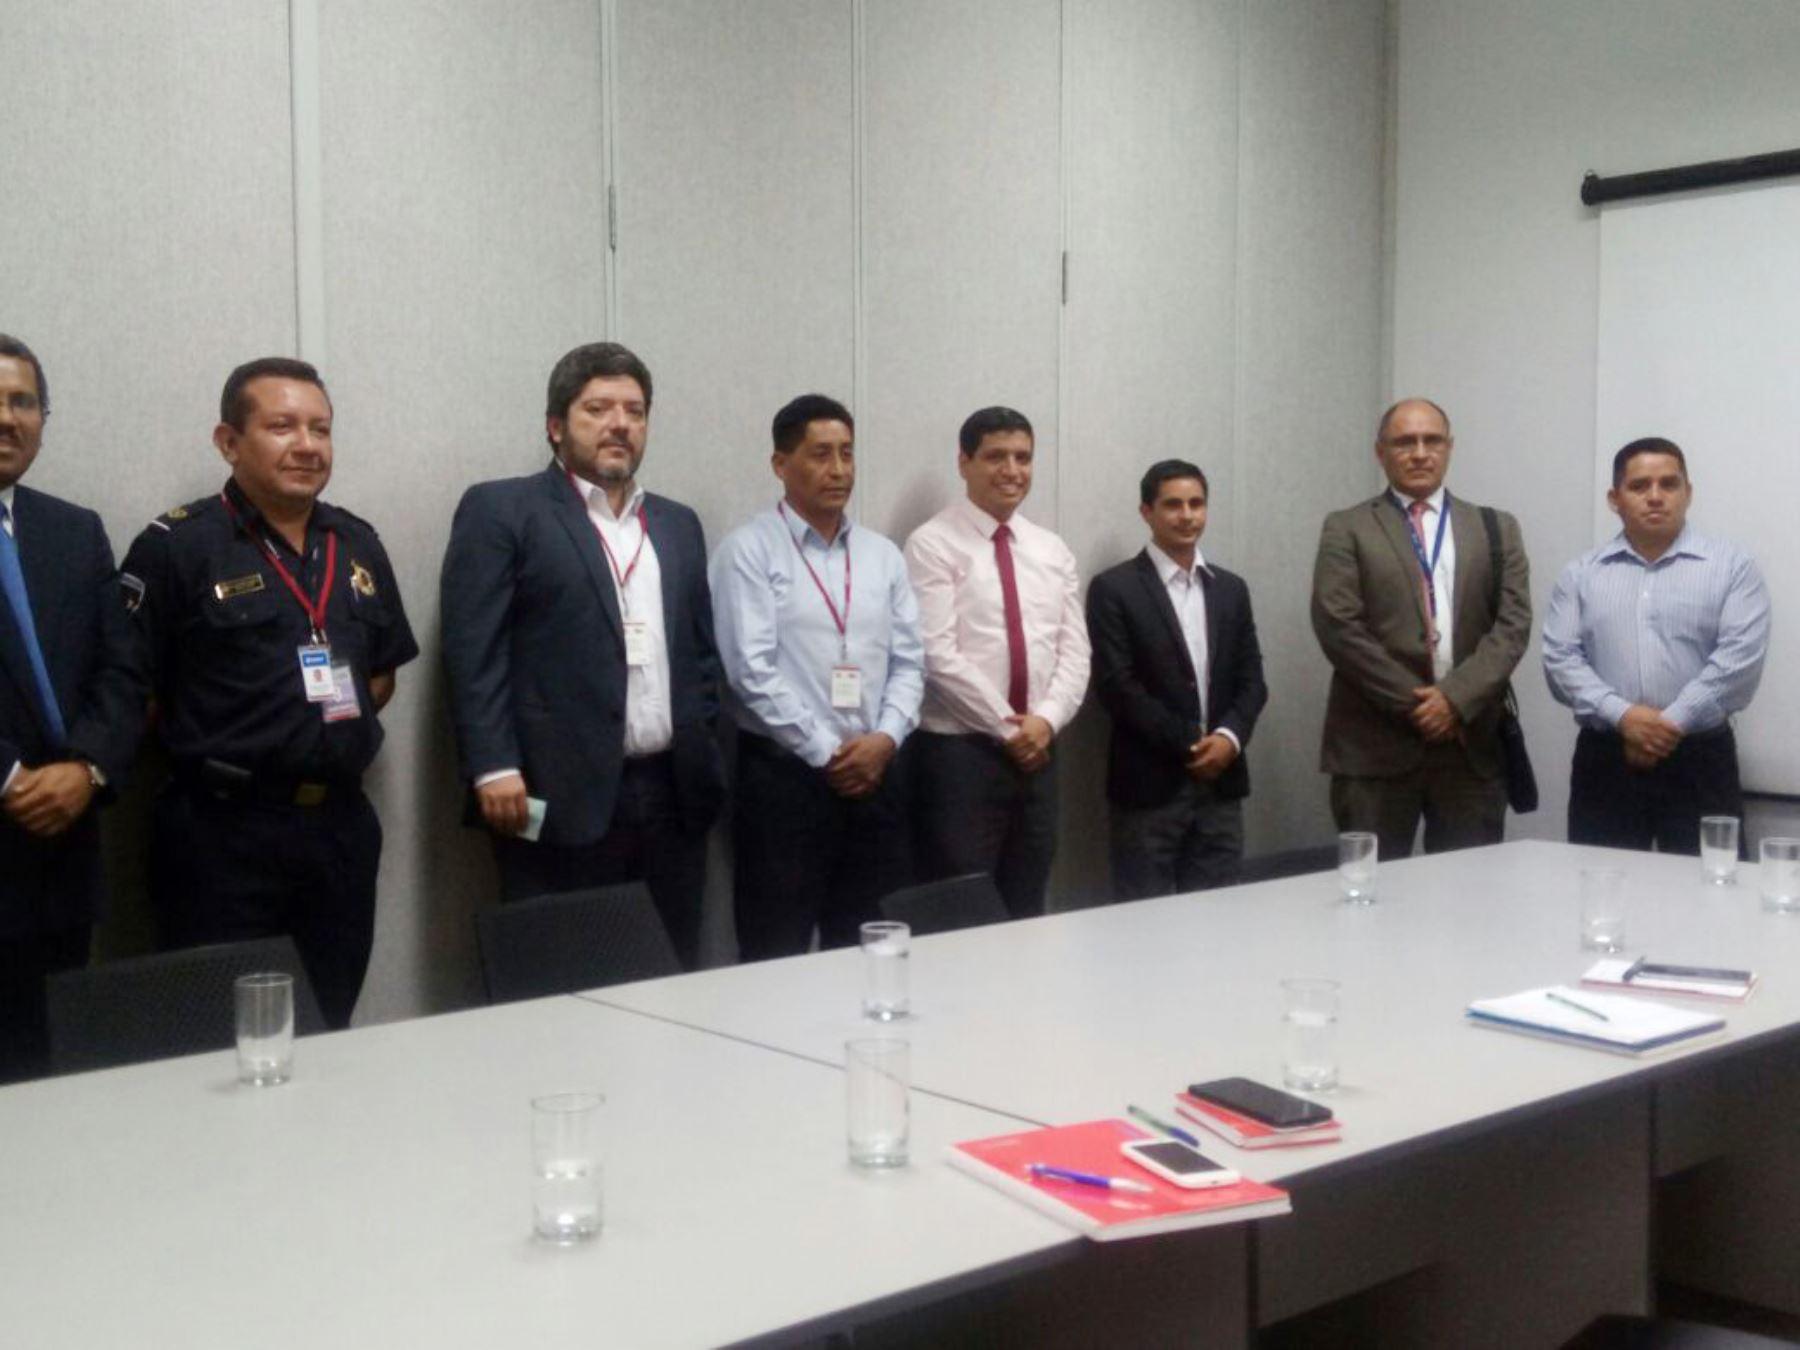 Funcionarios y especialistas ultiman detalles para habilitar el aeropuerto de Trujillo para envíos de productos al exterior. ANDINA